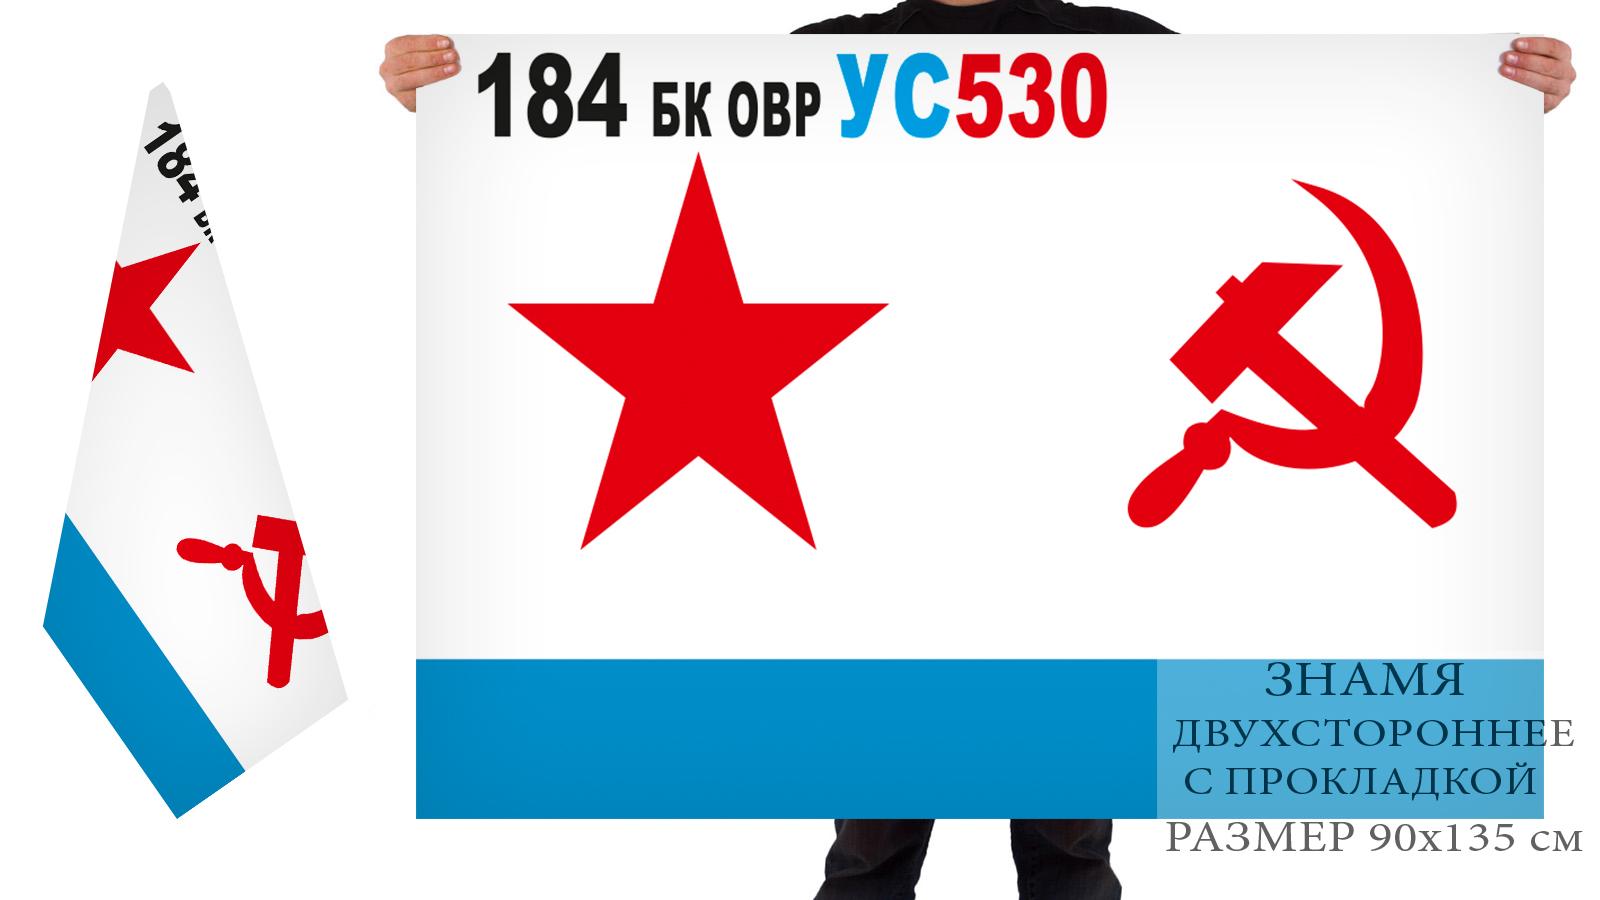 Заказать флаг ВМФ СССР 184 БК ОВР УС530